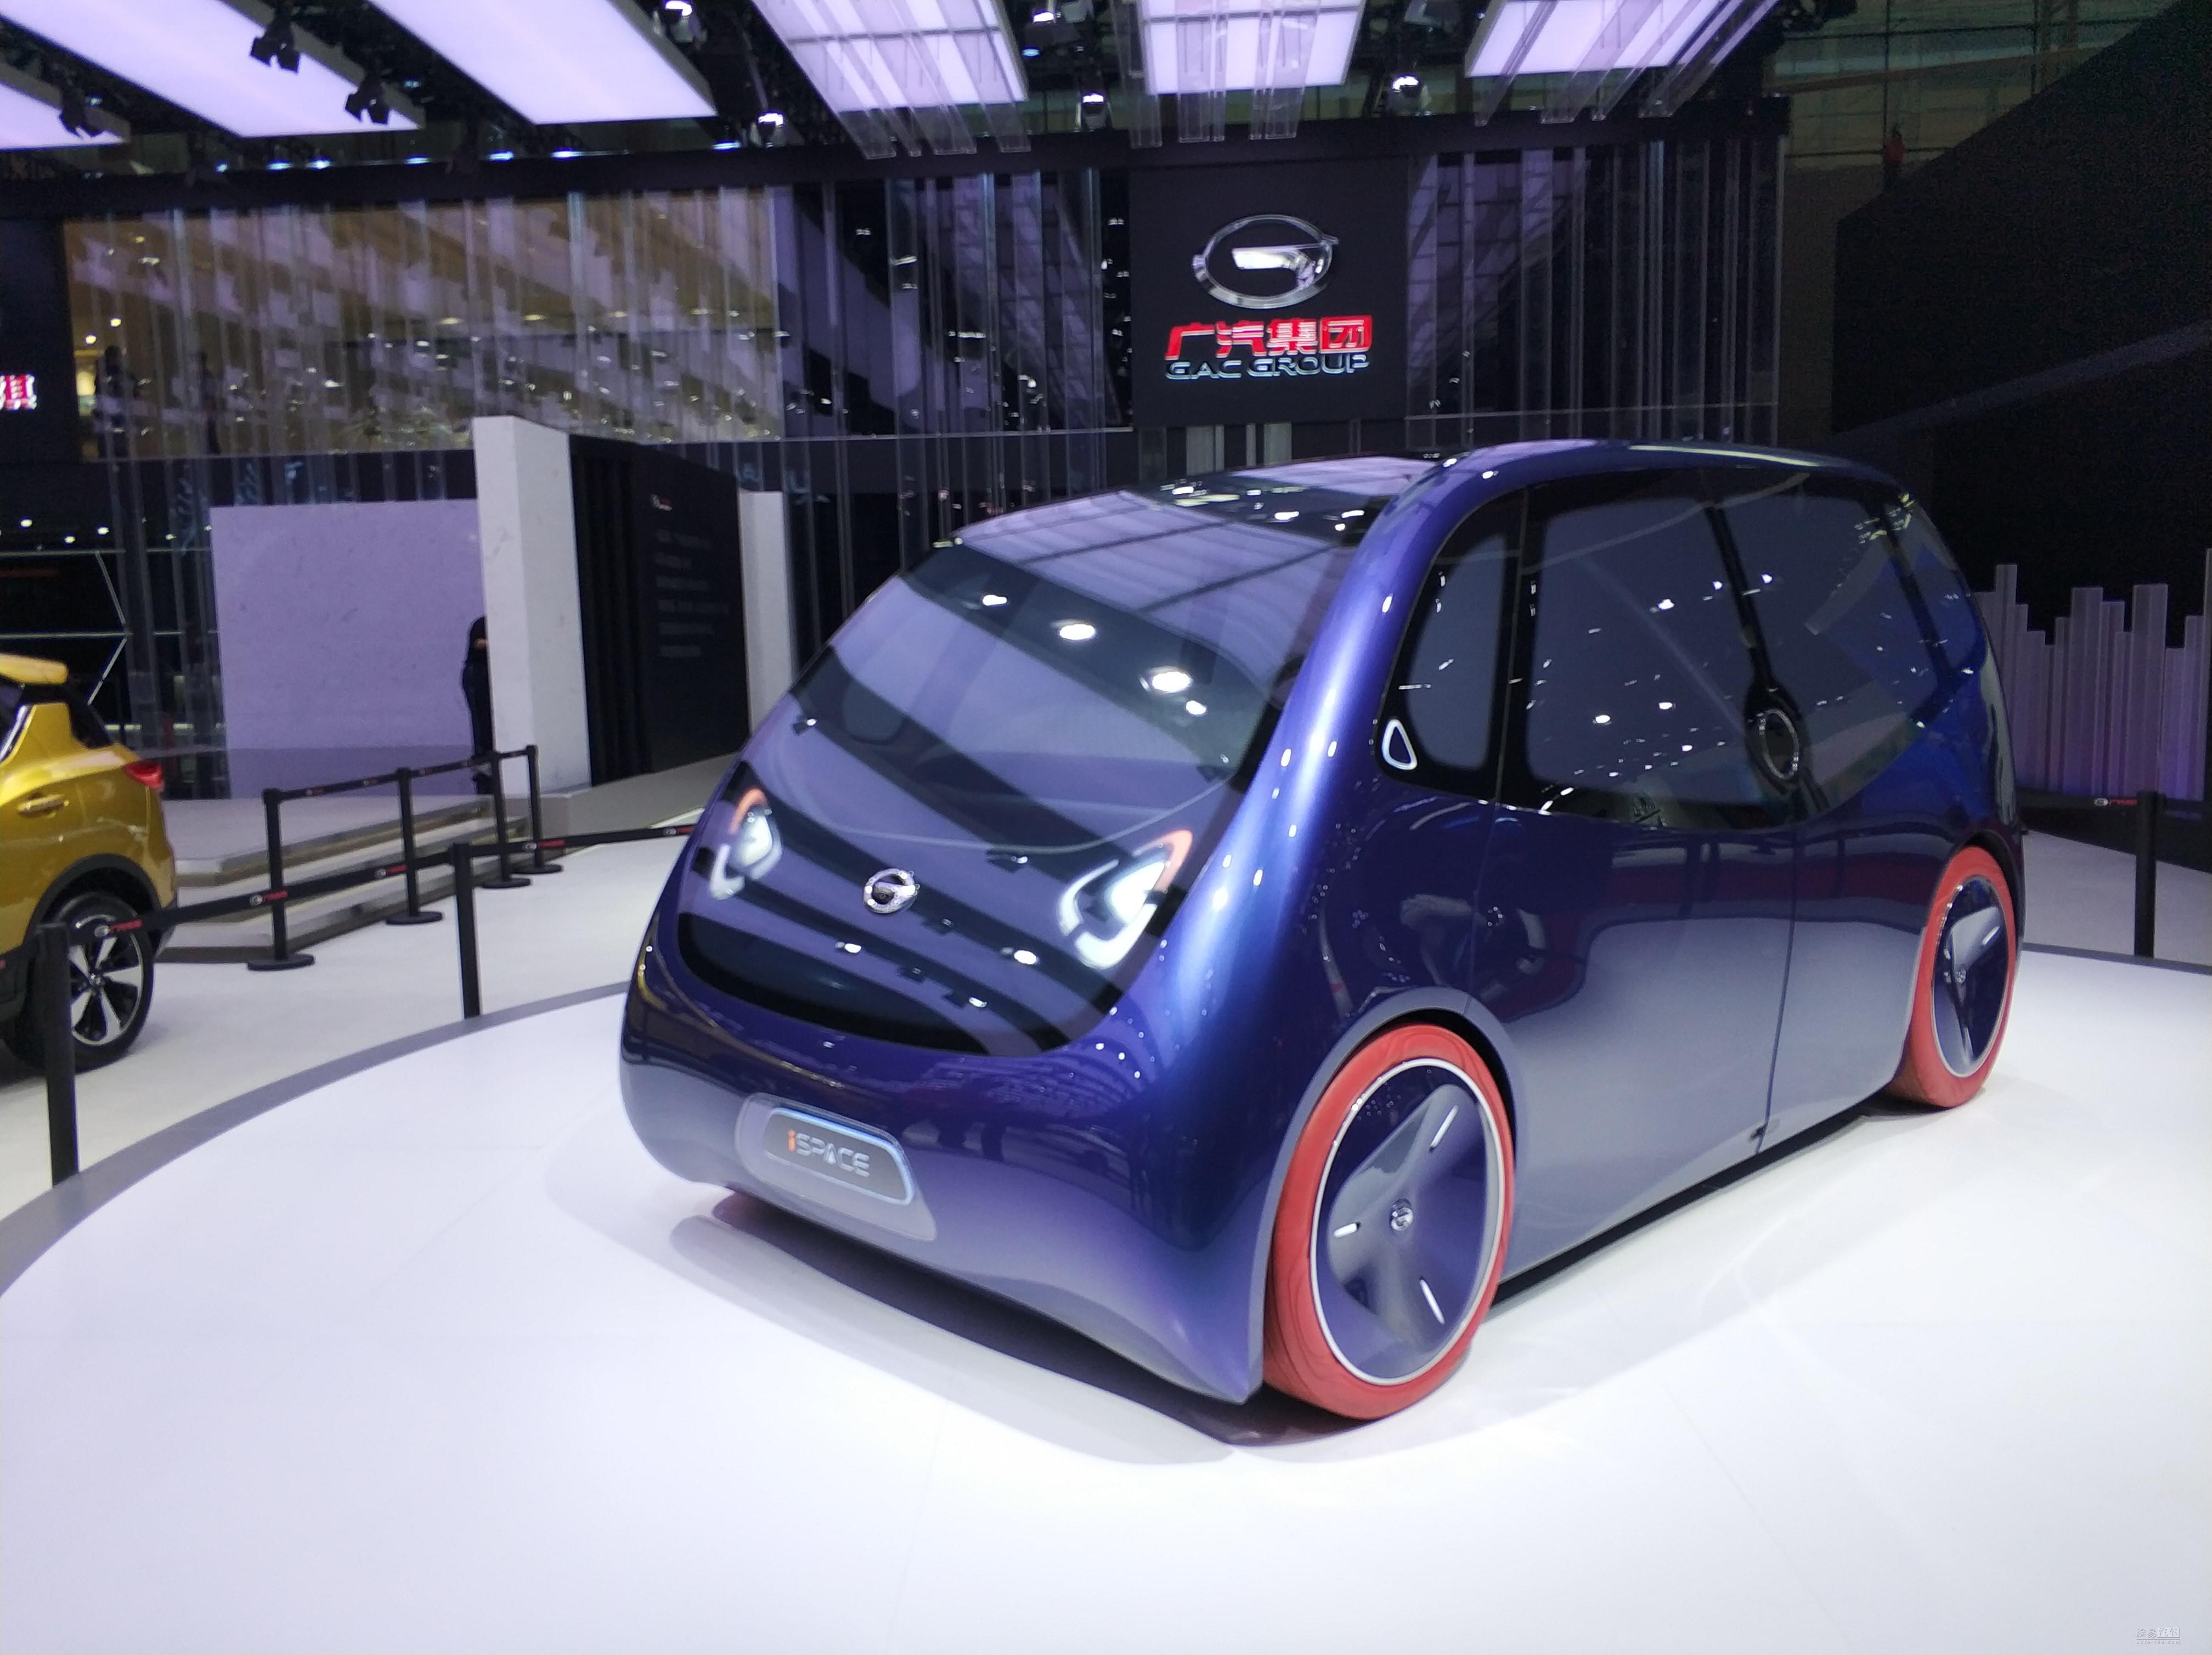 纯电驱动/智联概念车 广汽iSPACE车展亮相